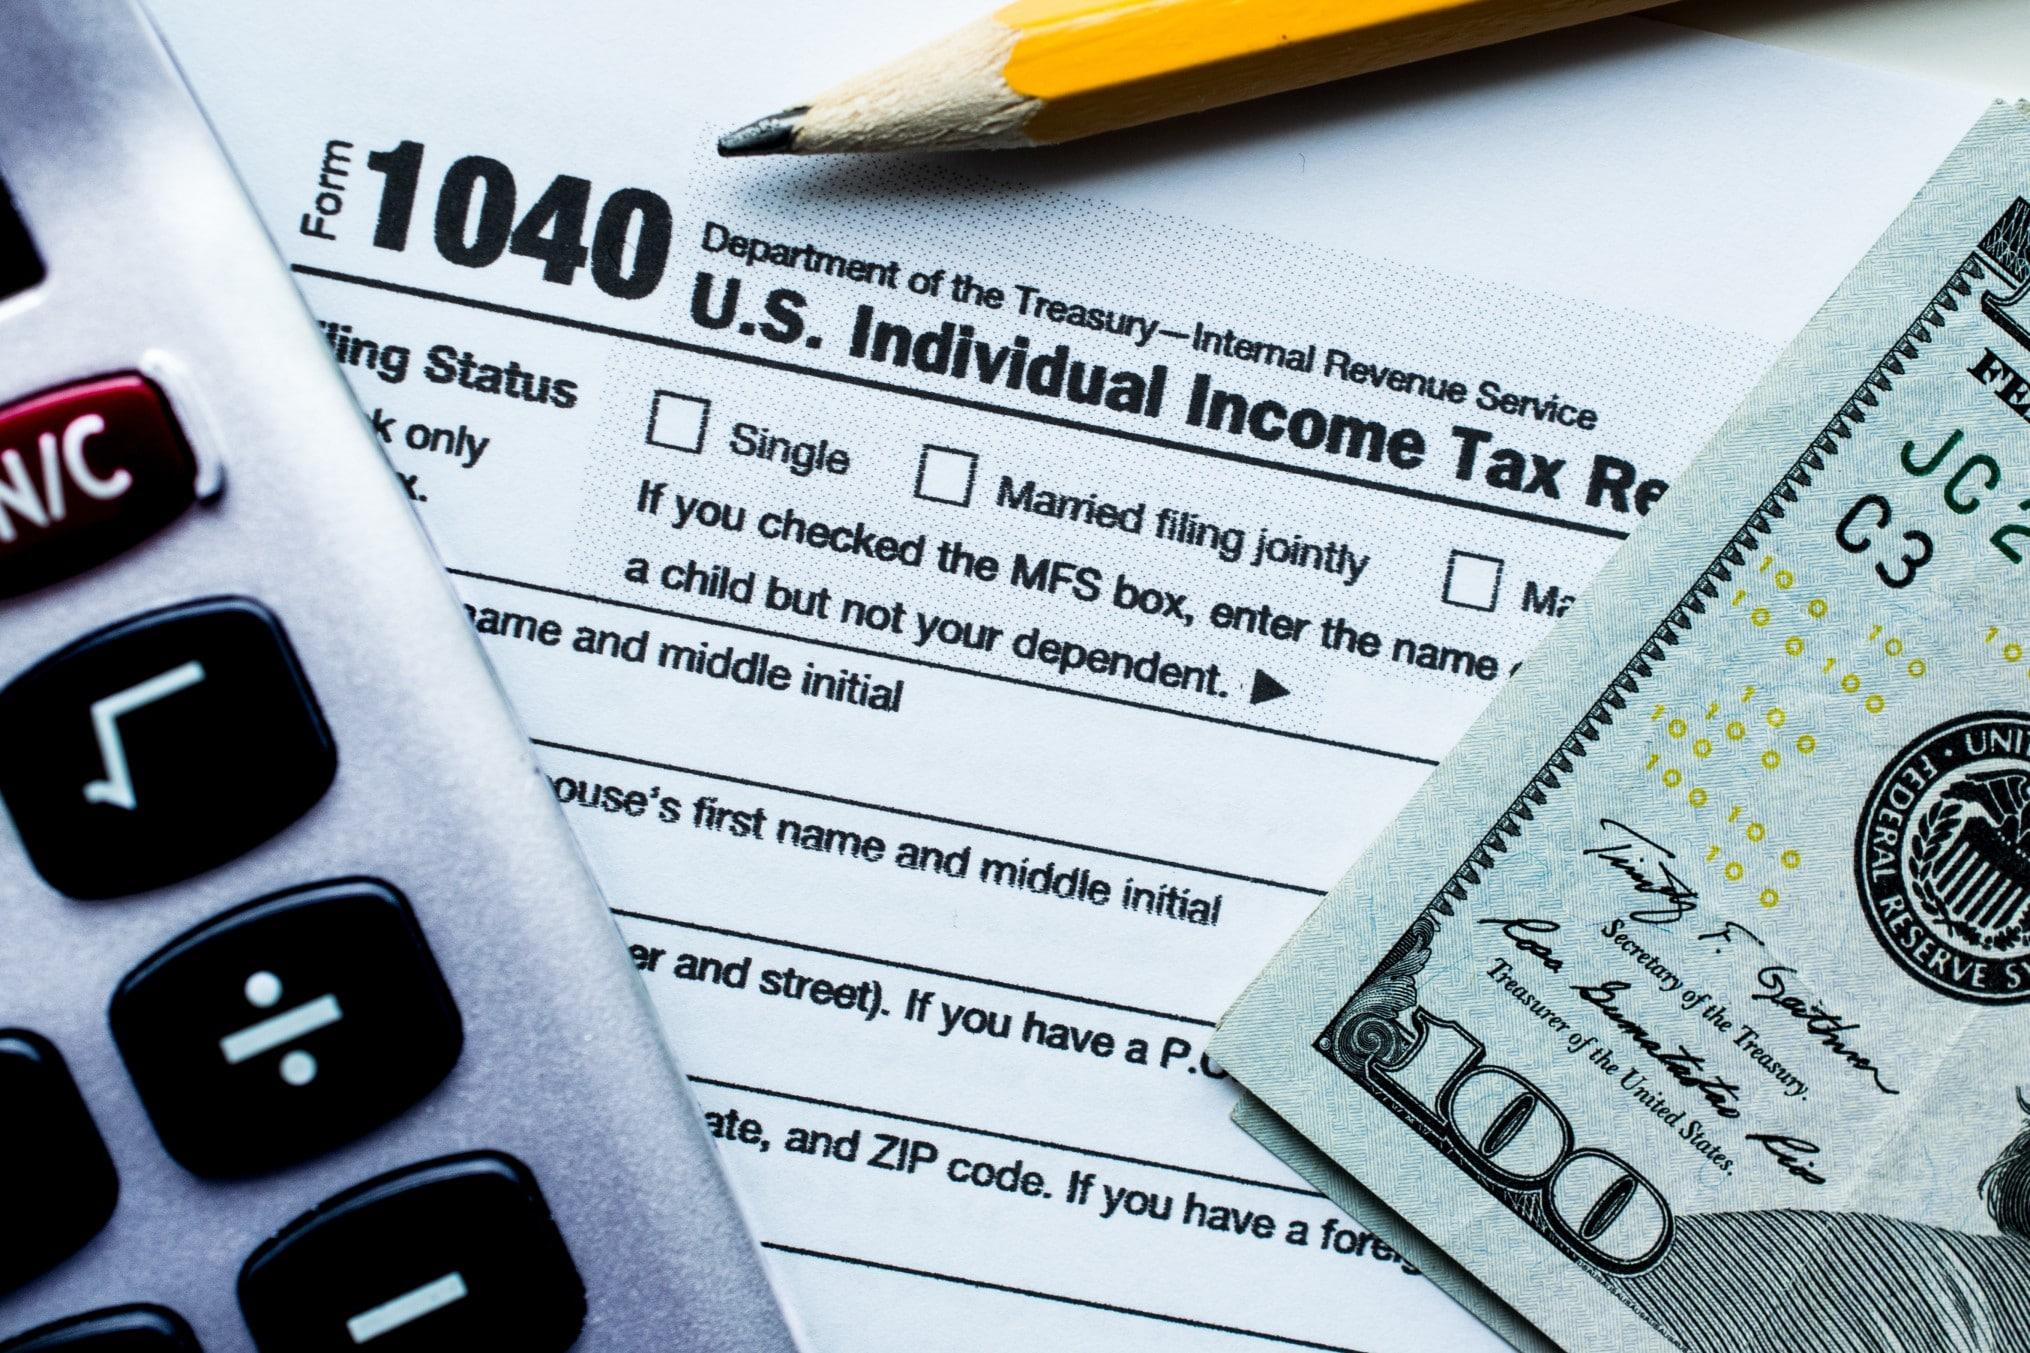 A calculator, a 1040 tax form, a $100 bill, and a pencil